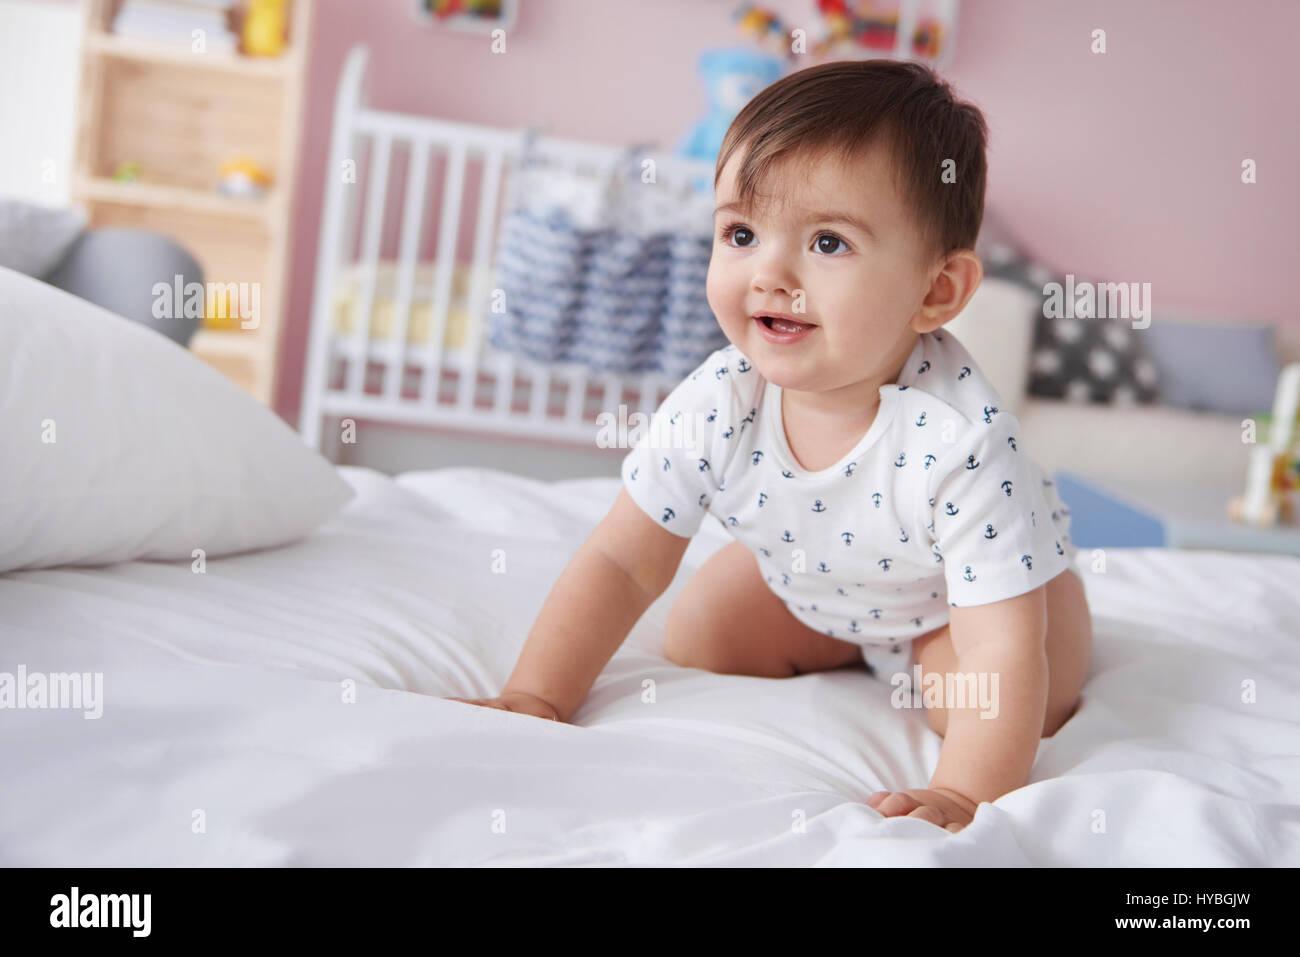 Lächelnden jungen kriechen auf dem Bett Stockbild